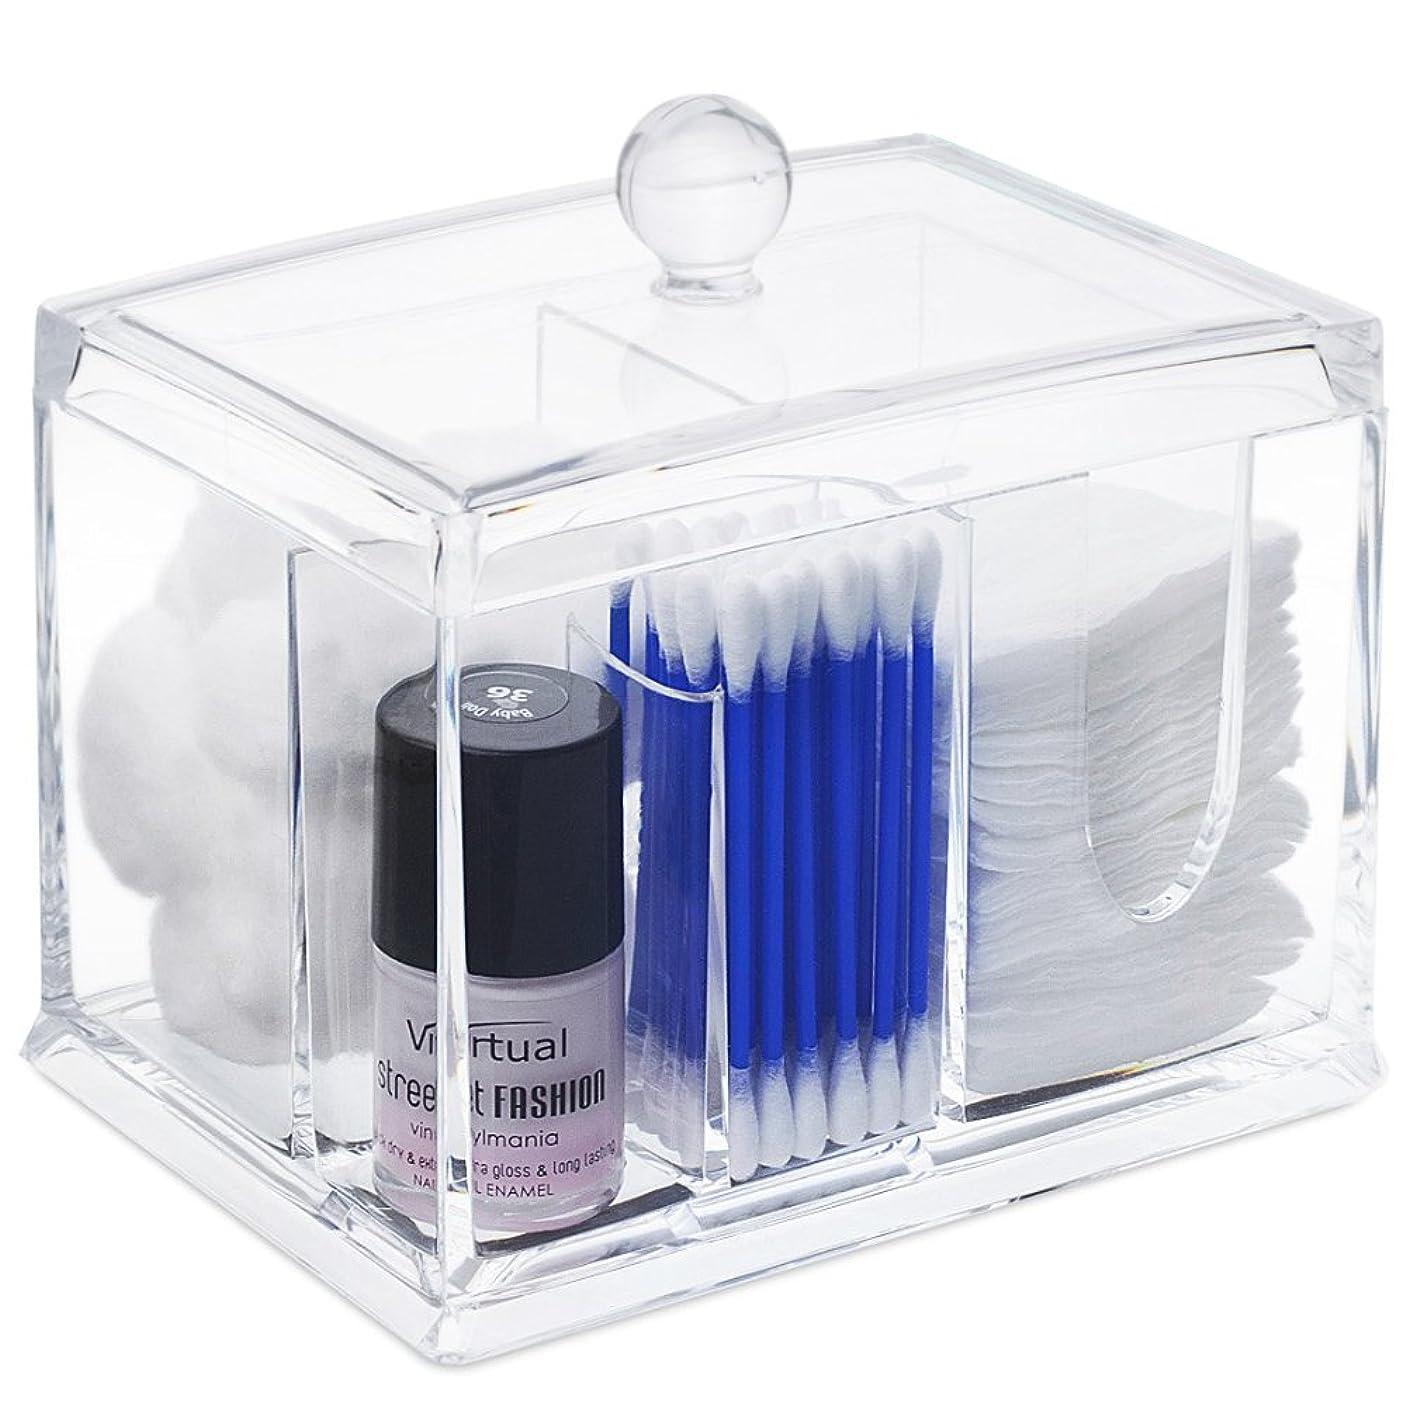 グレードホールド教STARMAX 棉棒ボックス 透明 アクリル製 フタ付き 防塵 清潔 化粧品小物 収納ケース 綿棒入れ 小物入れ 化粧品入れ コスメボックス (14cm*10cm*10.5cm)